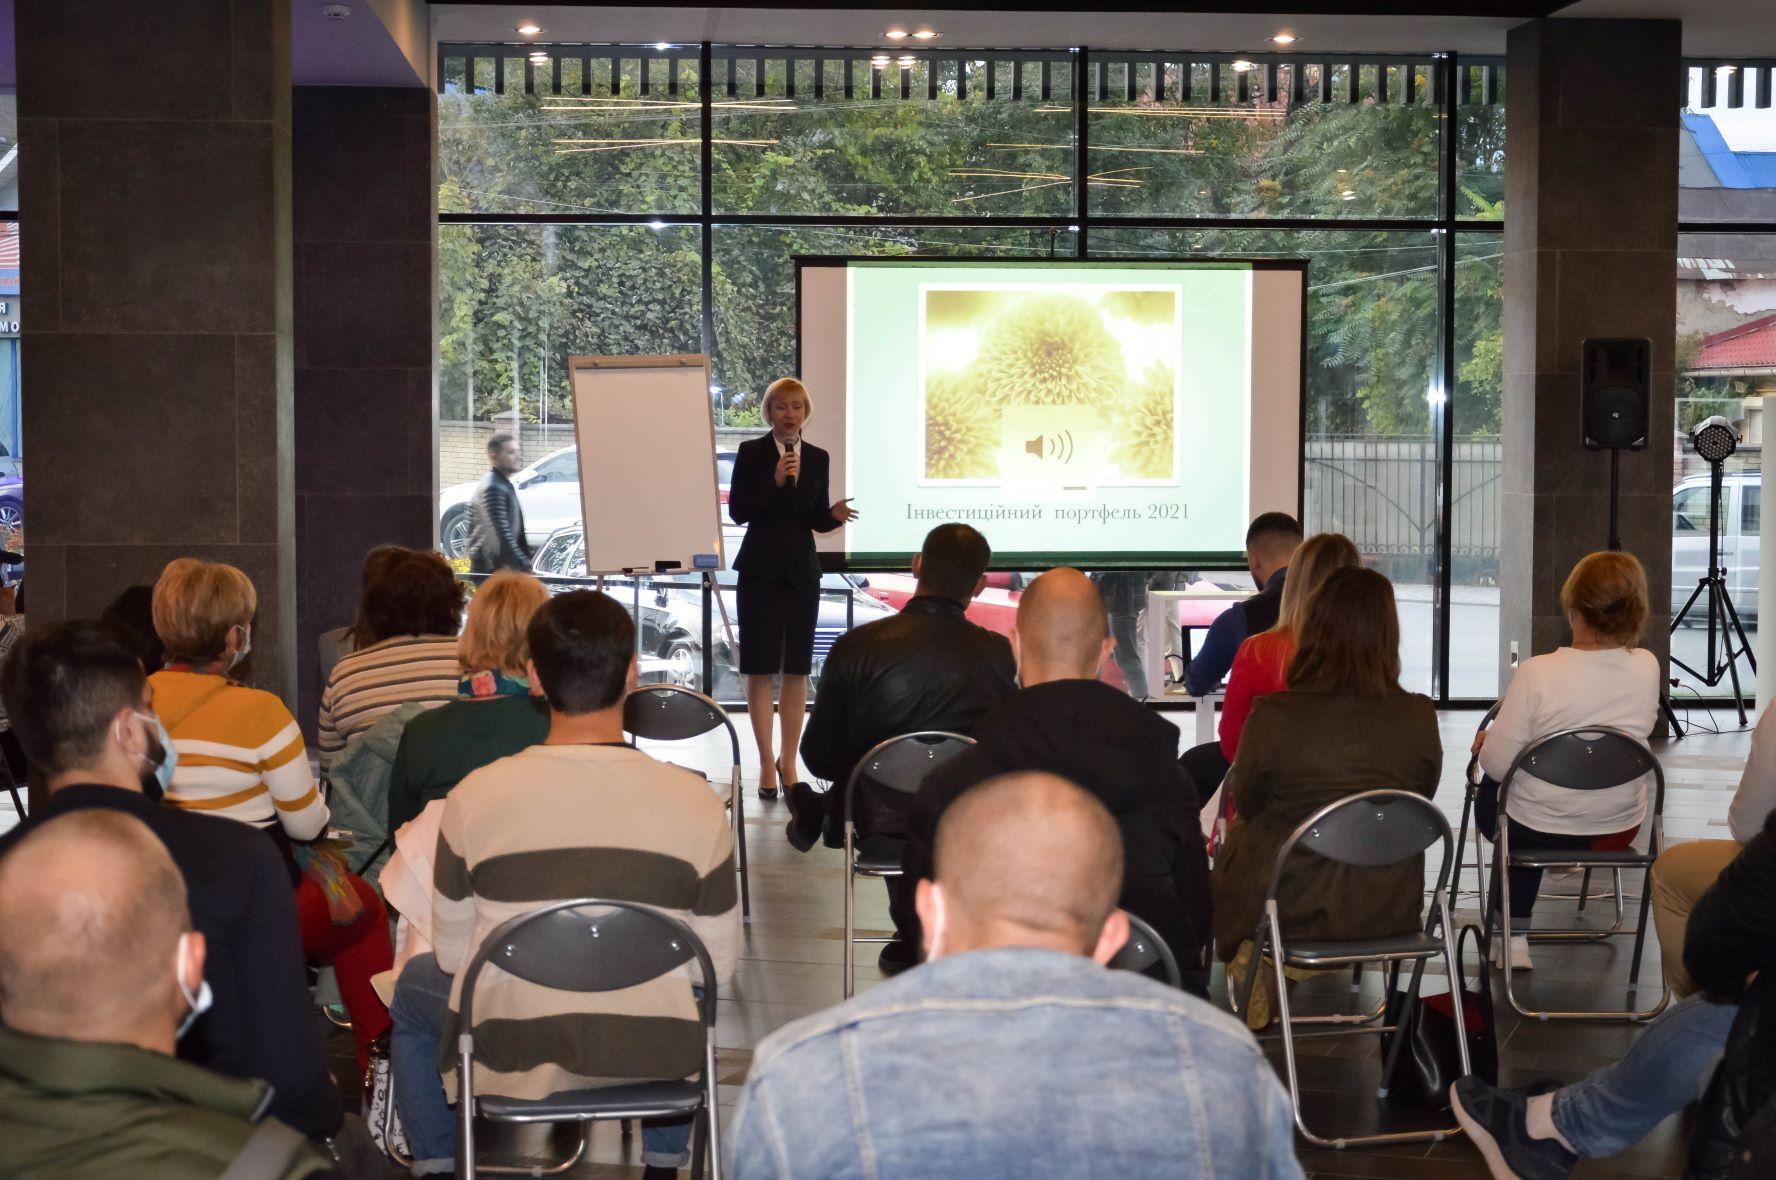 ЦБТ провів актуальну дискусійну панель в Чернівцях - 3 фото